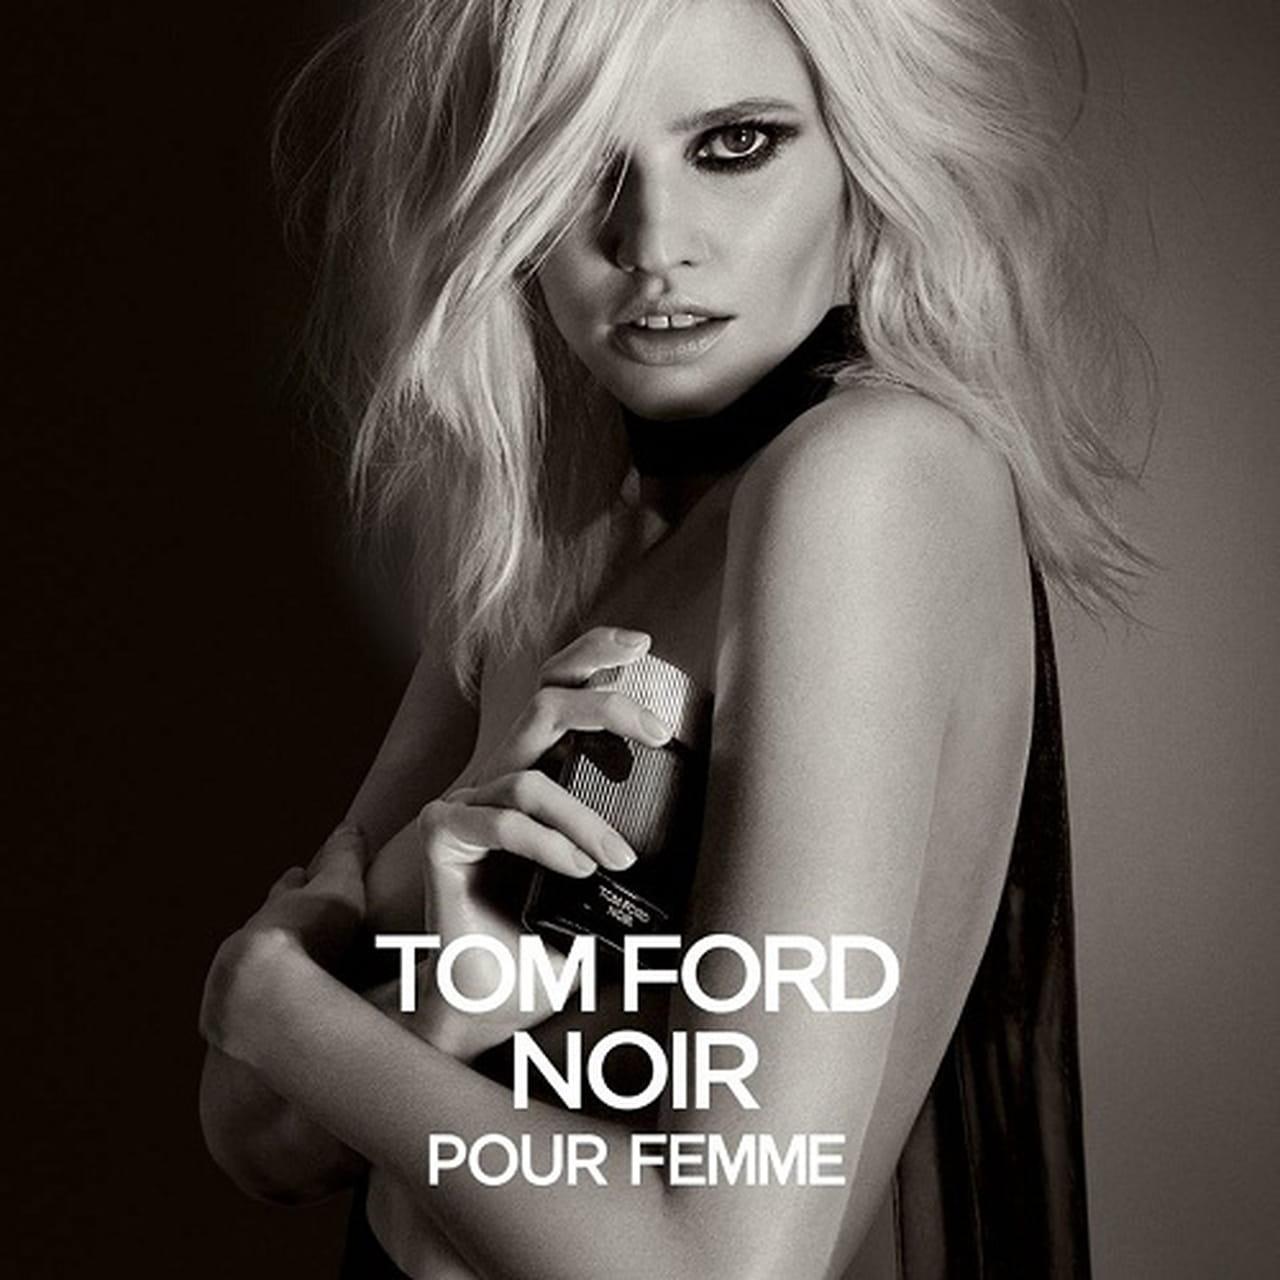 545e76672 والوجه الإعلاني الجديد للعطر هي العارضة Lara Stone، التي قدمت من قبل بعض  الحملات الدعائية لعطور توم فورد.